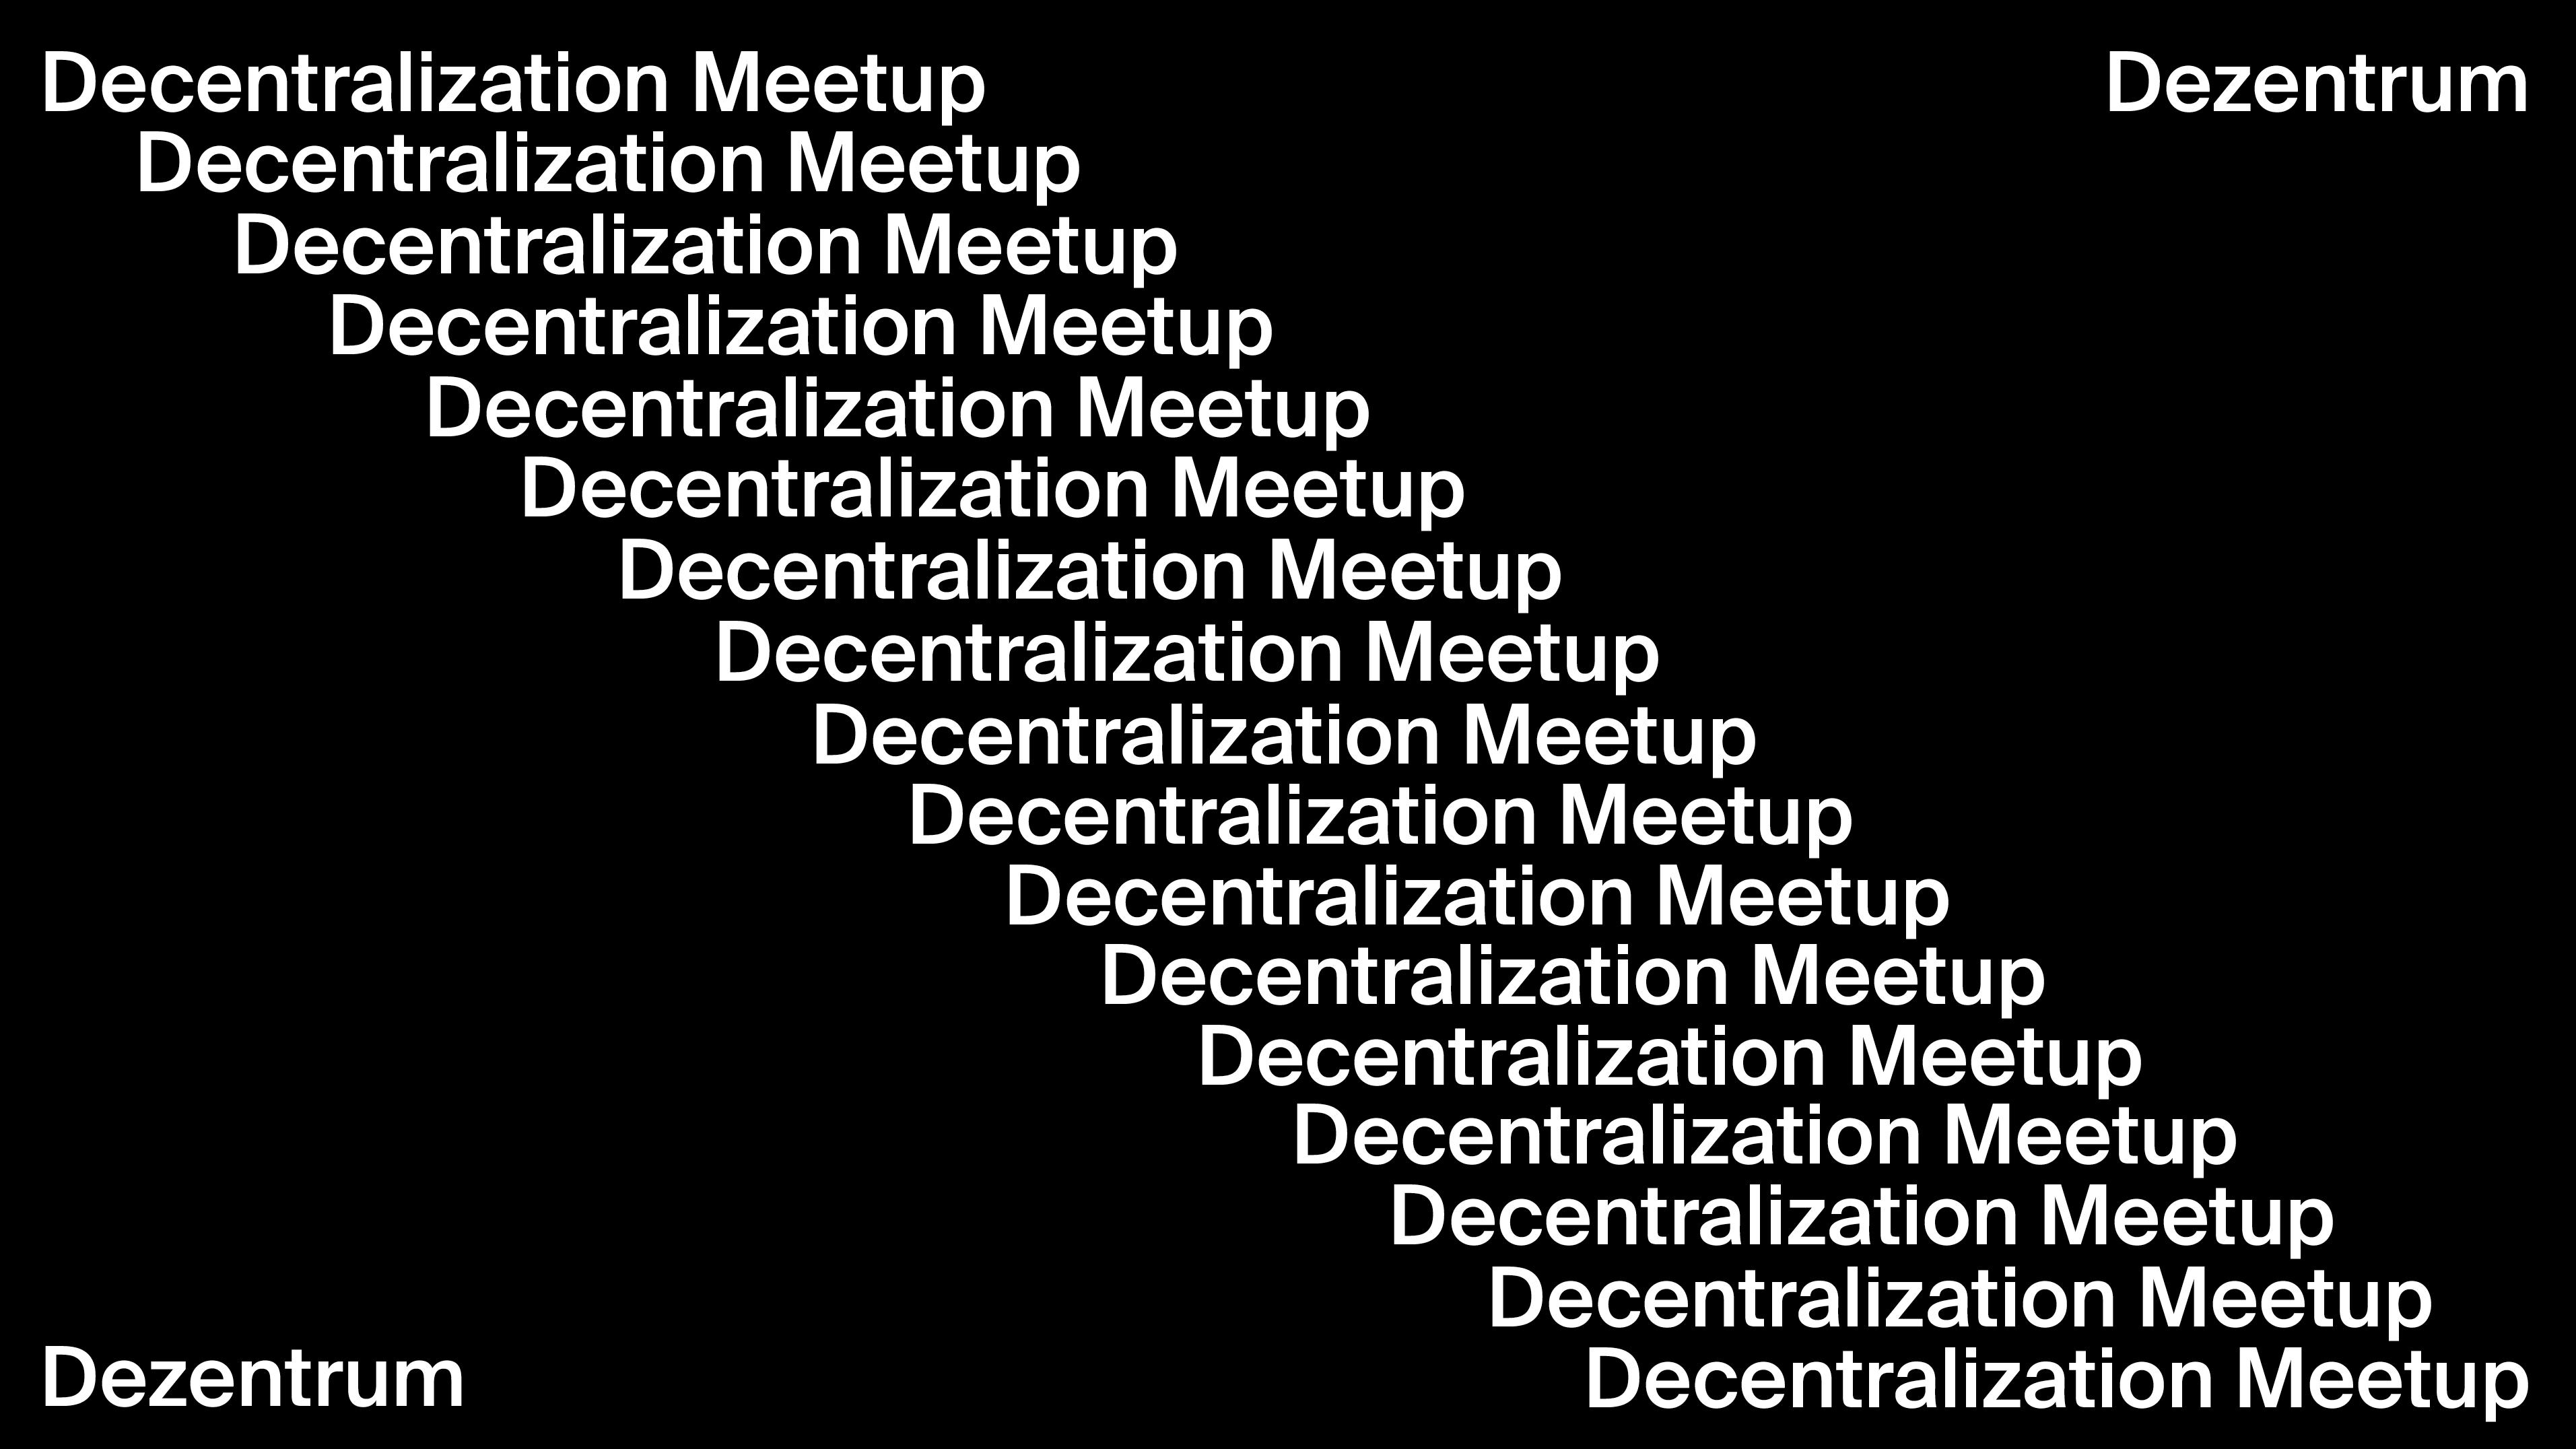 Decentralization Meetup